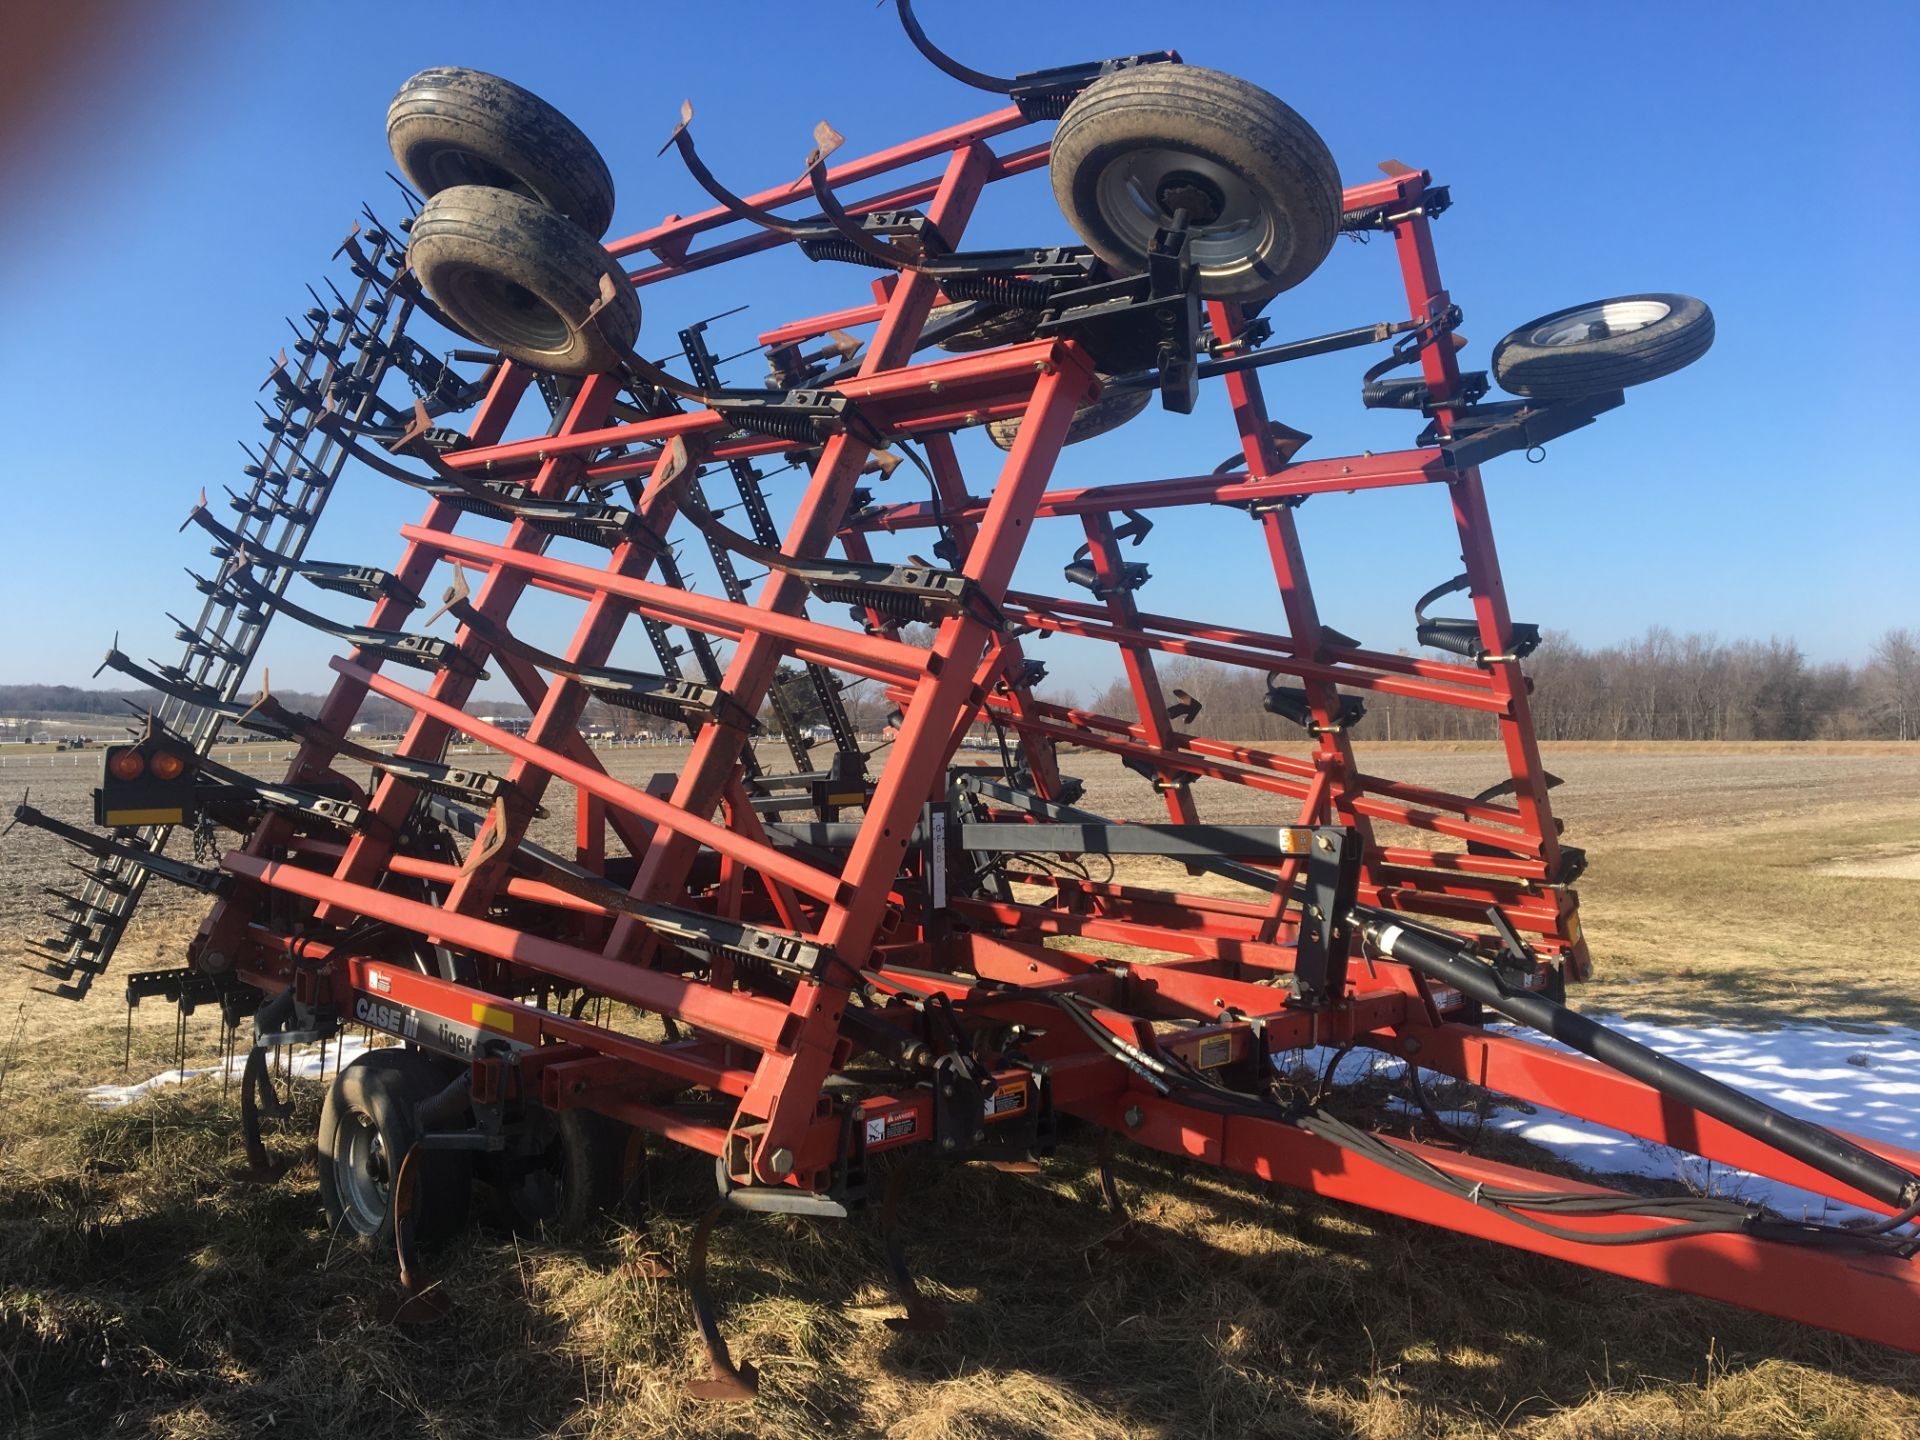 Lot 7 - Case IH Tigermate II 30' Field Cultivator